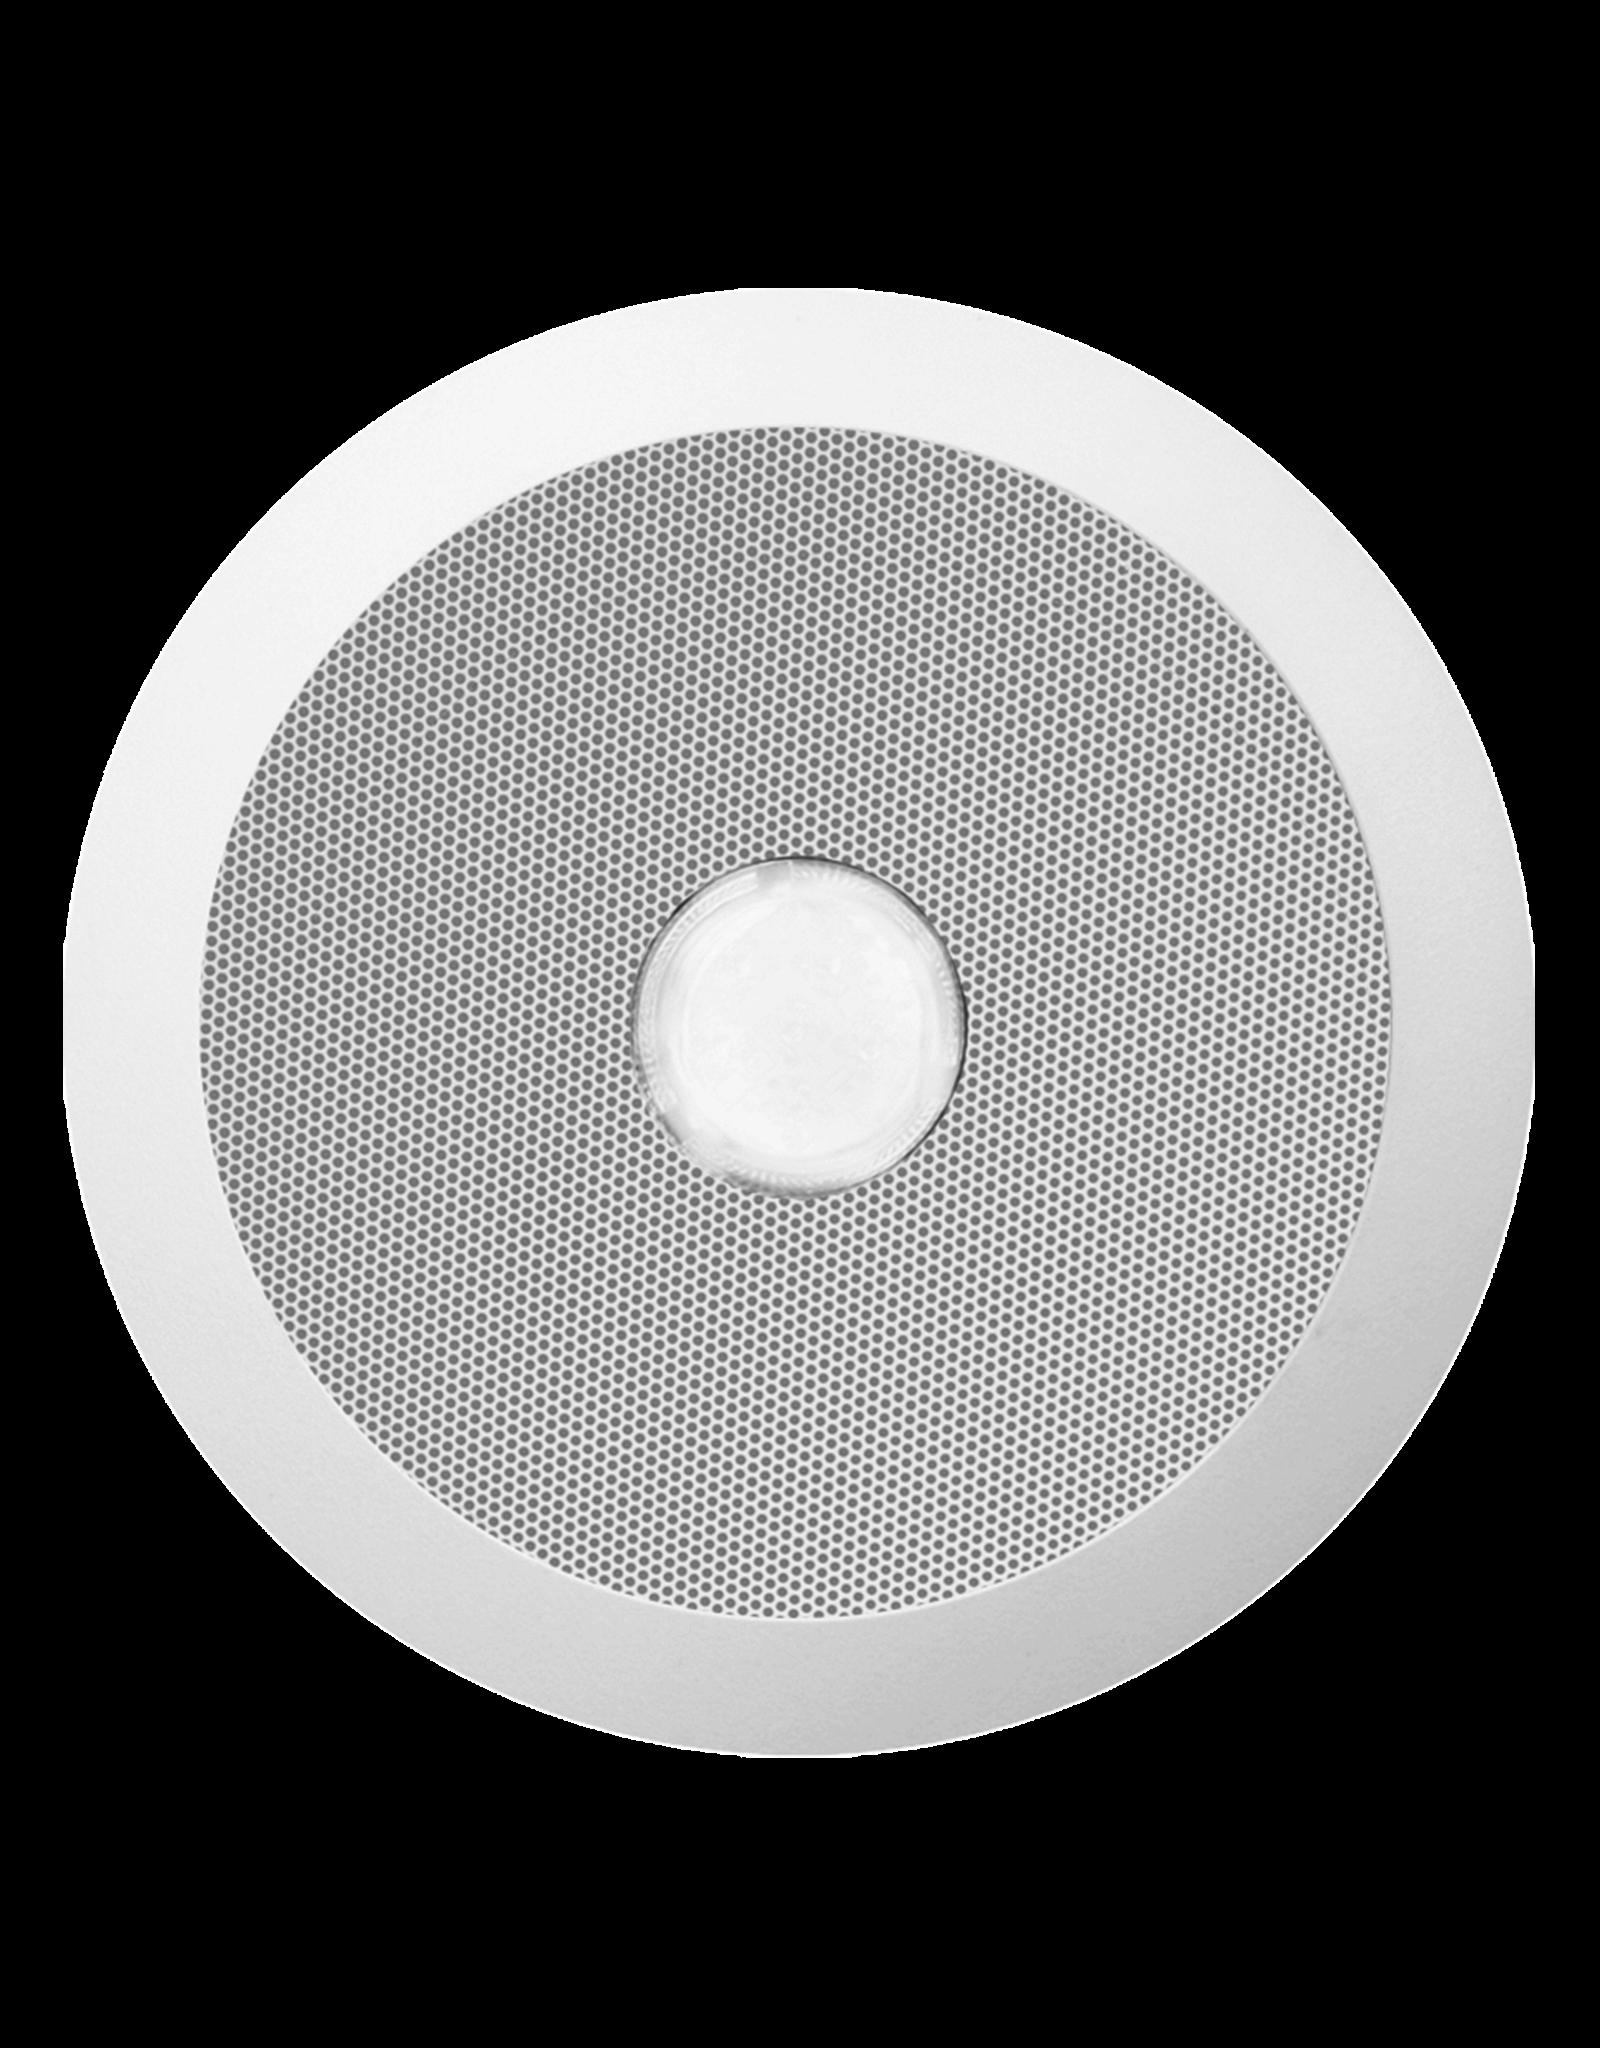 """Audac Quick fit 5 1/4"""" evacuation ceiling speaker 100V"""